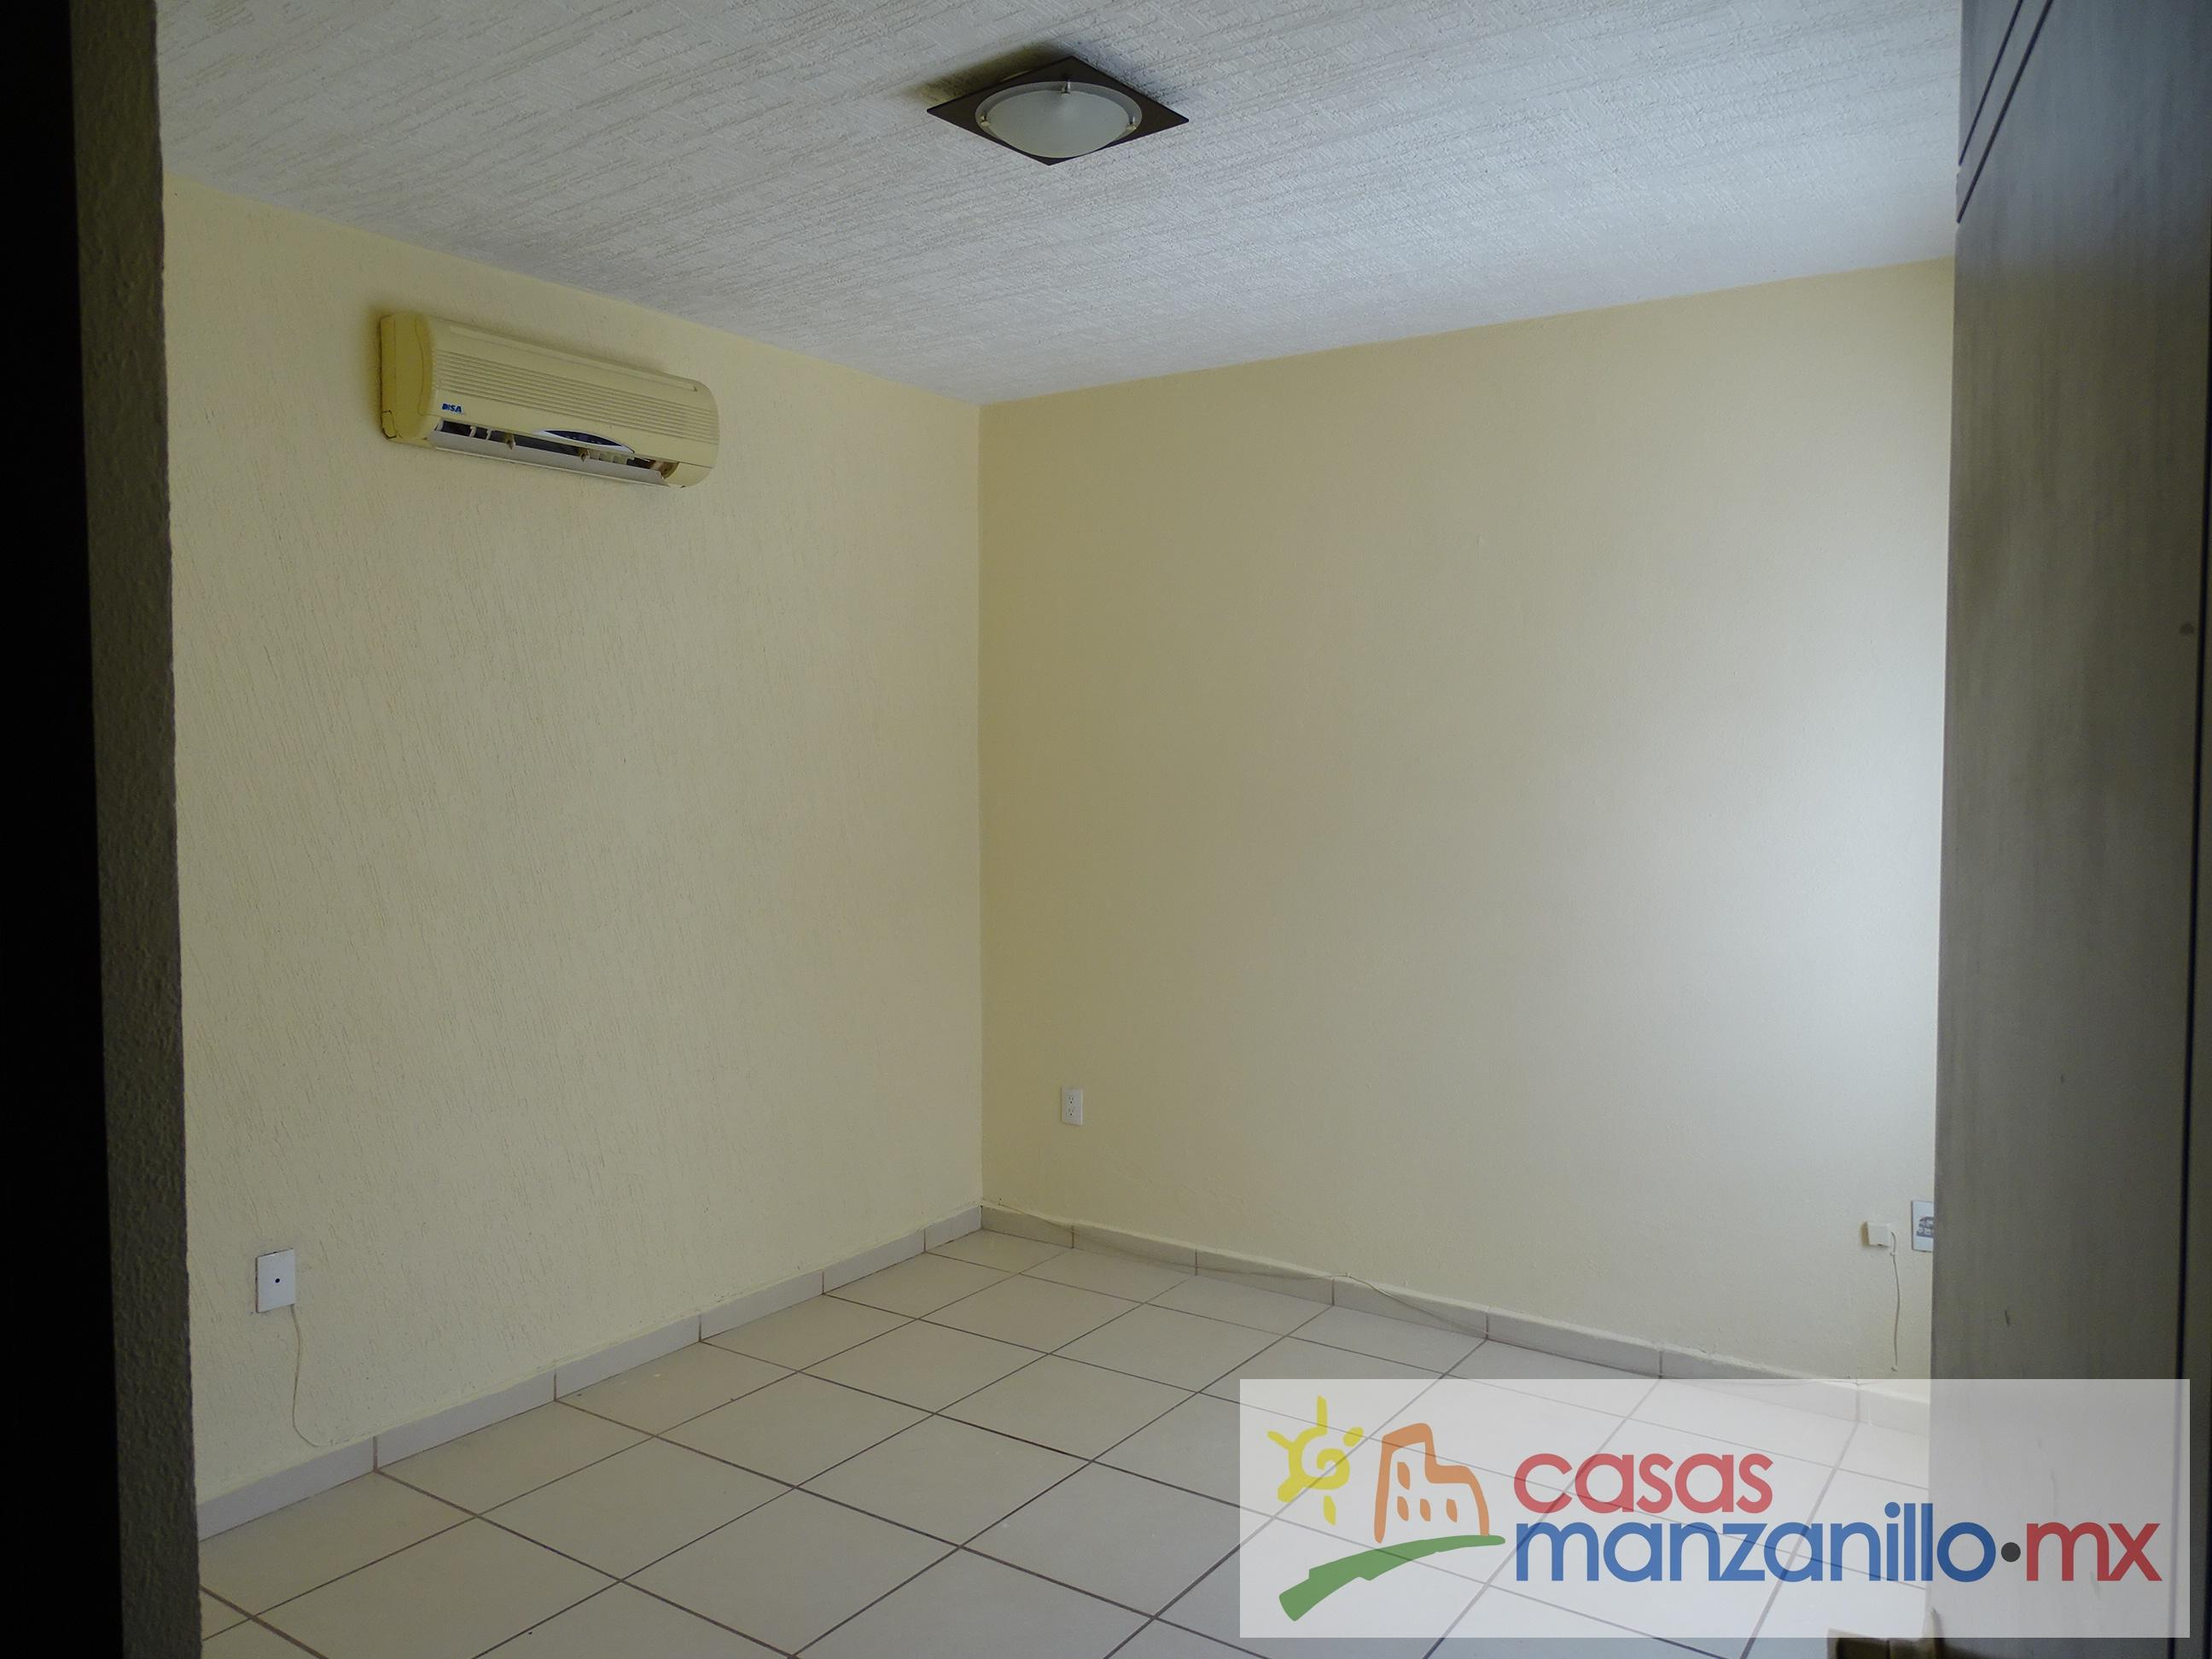 Casas RENTA Manzanillo - Almendros 3 (15